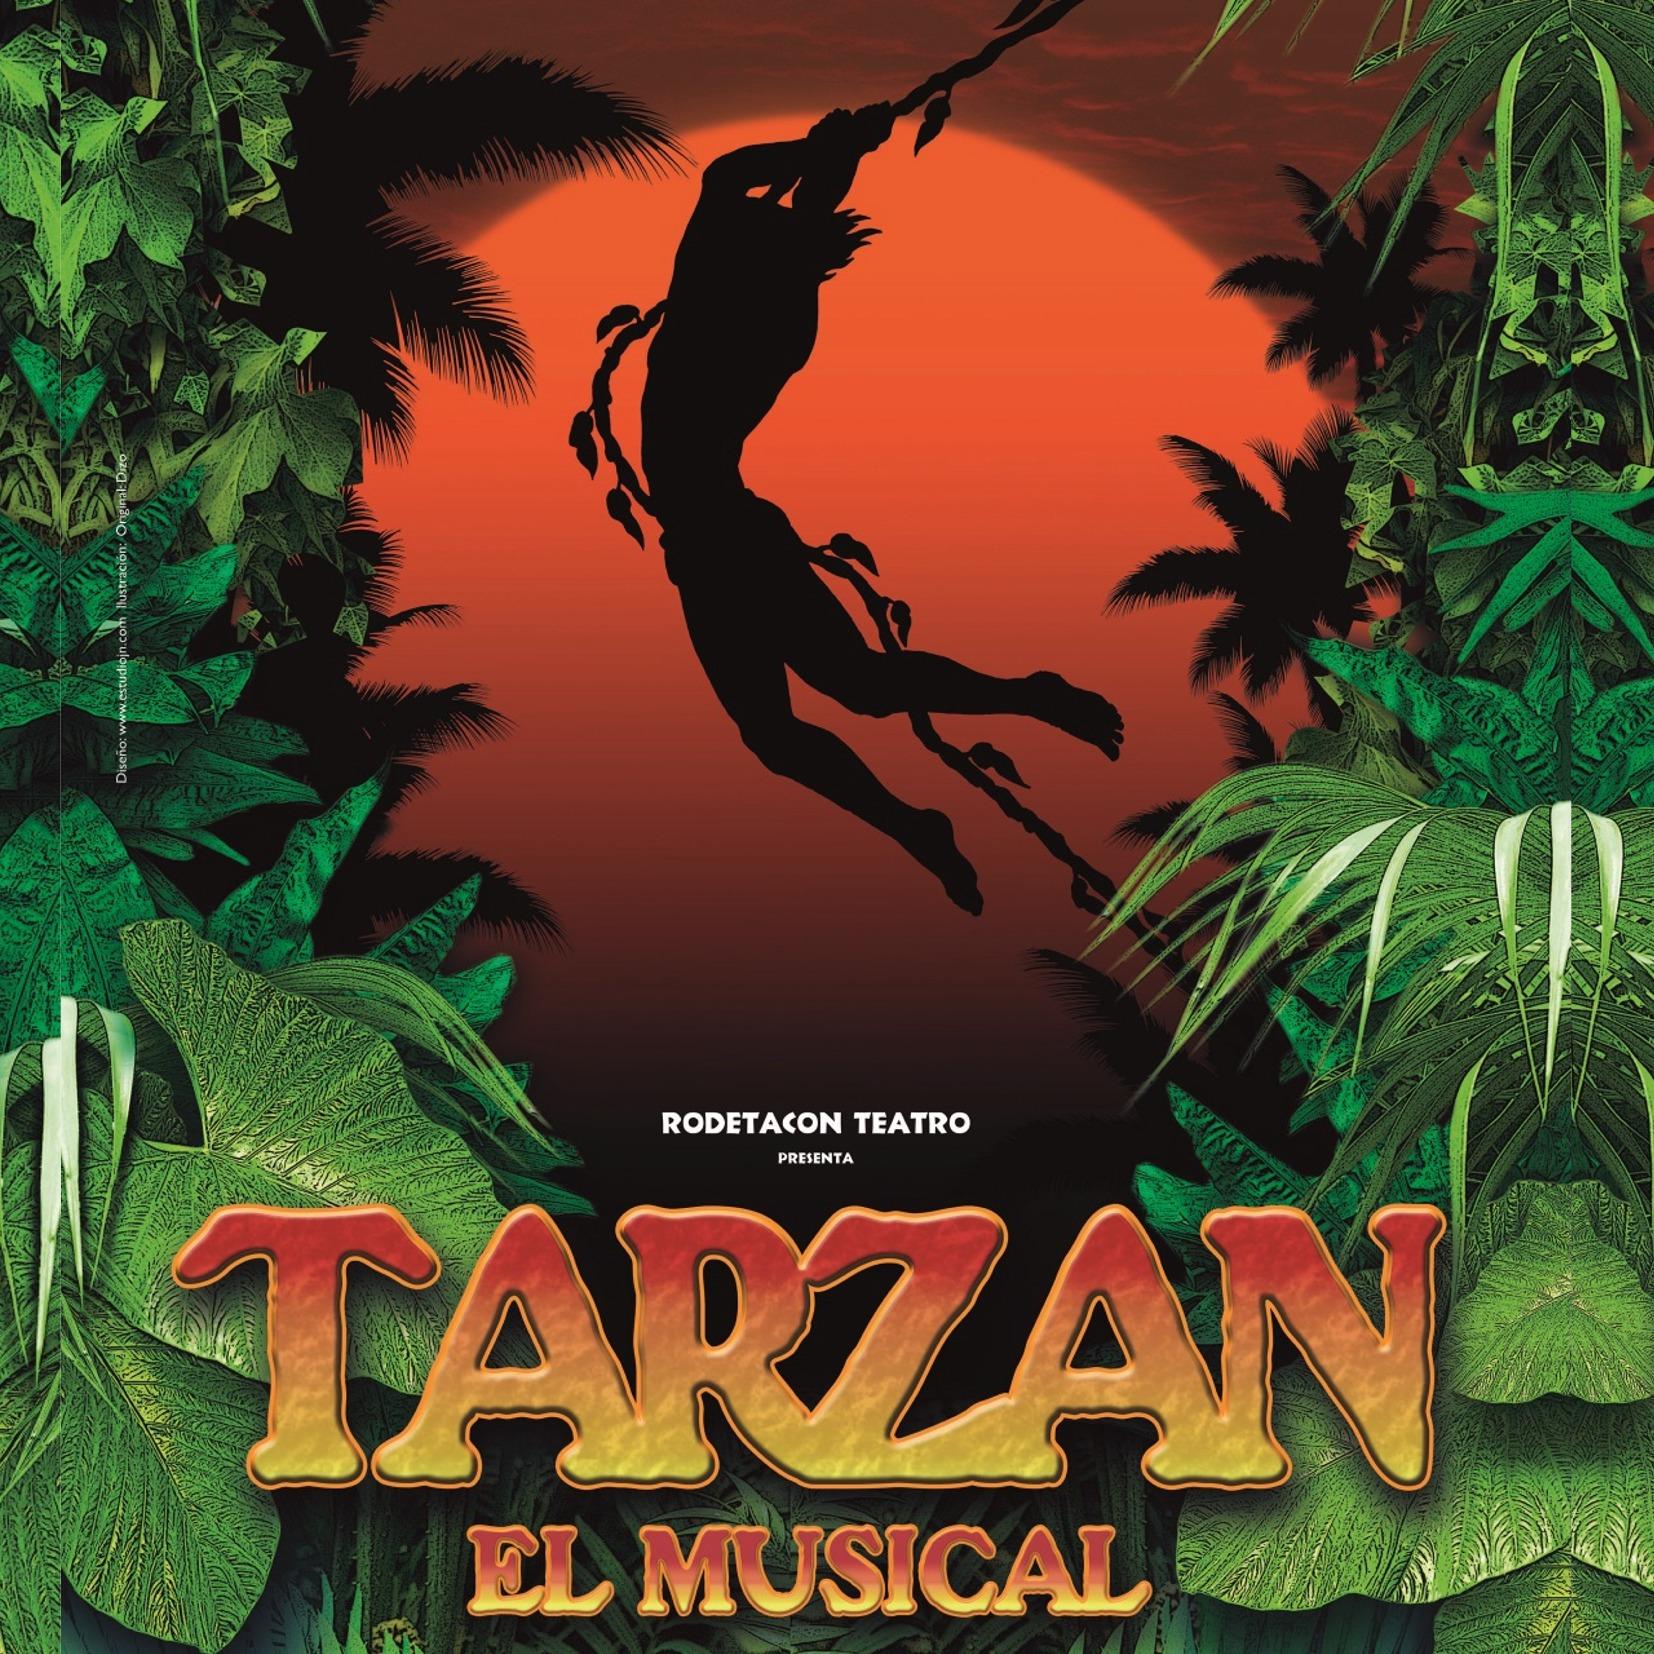 Tarzán, el musical. Pandora Producciones